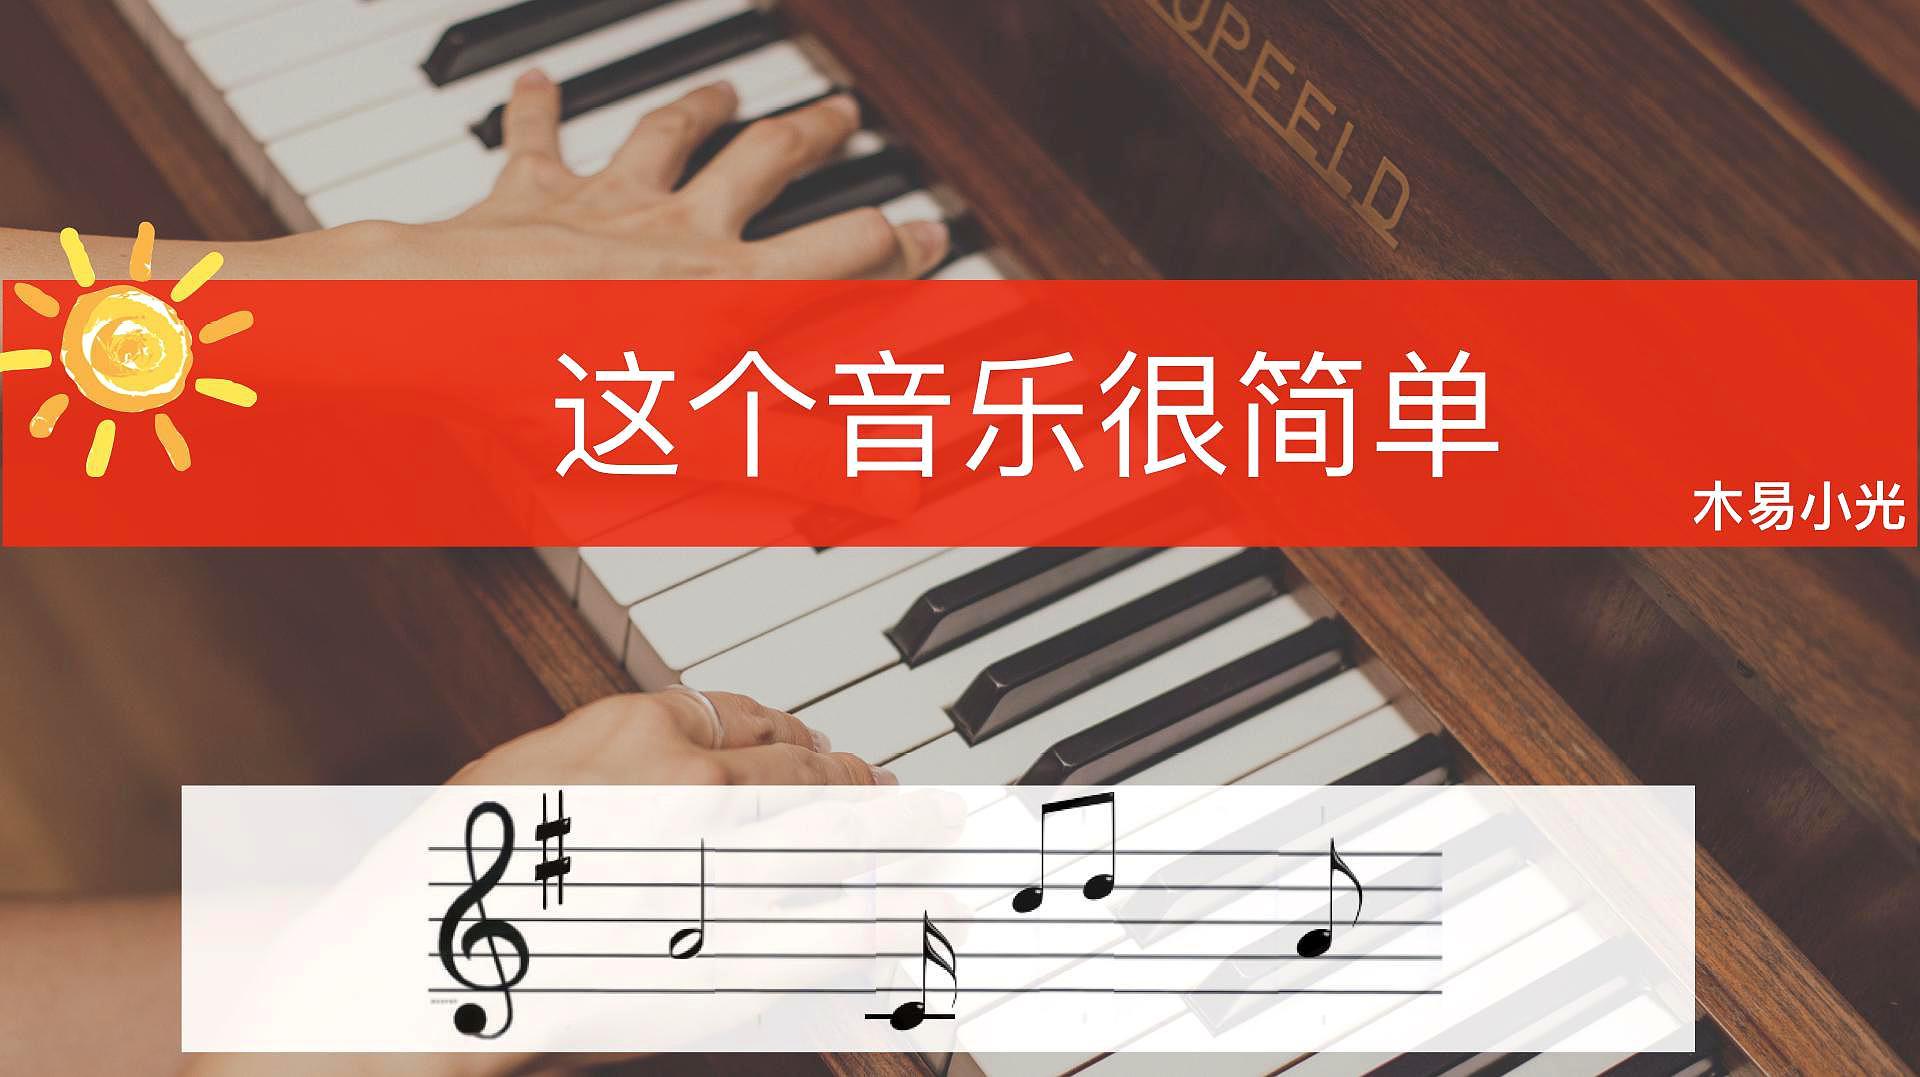 乐理基础教学,小调的三种模式,自然小调、和声小调、旋律小调